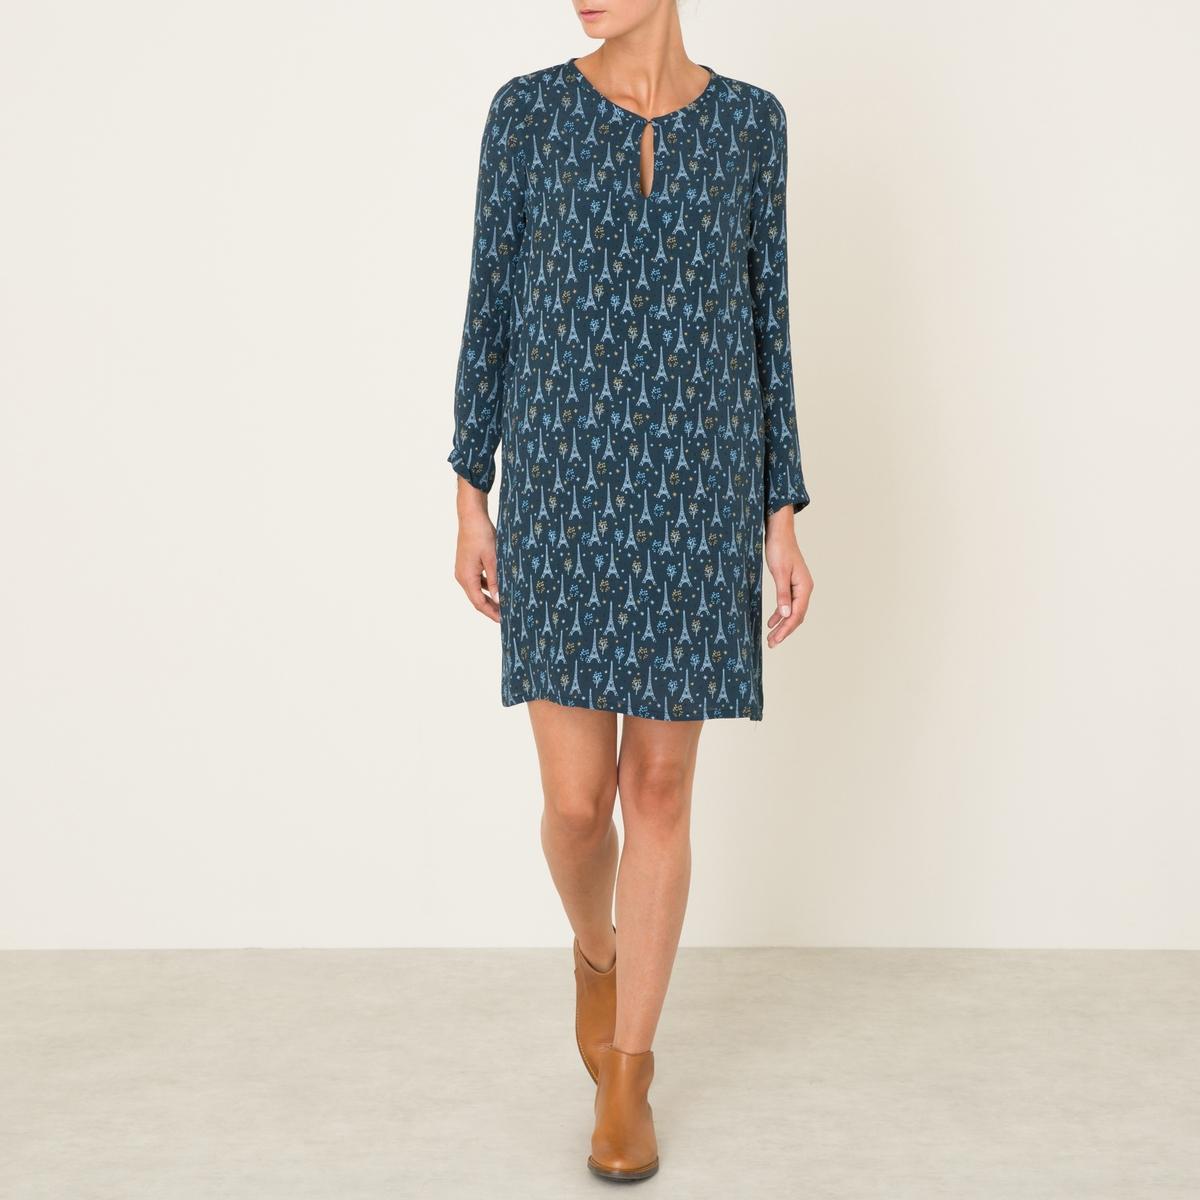 Платье ROCKERСостав и описание Материал : 100% вискозаДлина 93 см. (для размера 36)Марка : HARTFORD<br><br>Цвет: синий<br>Размер: L